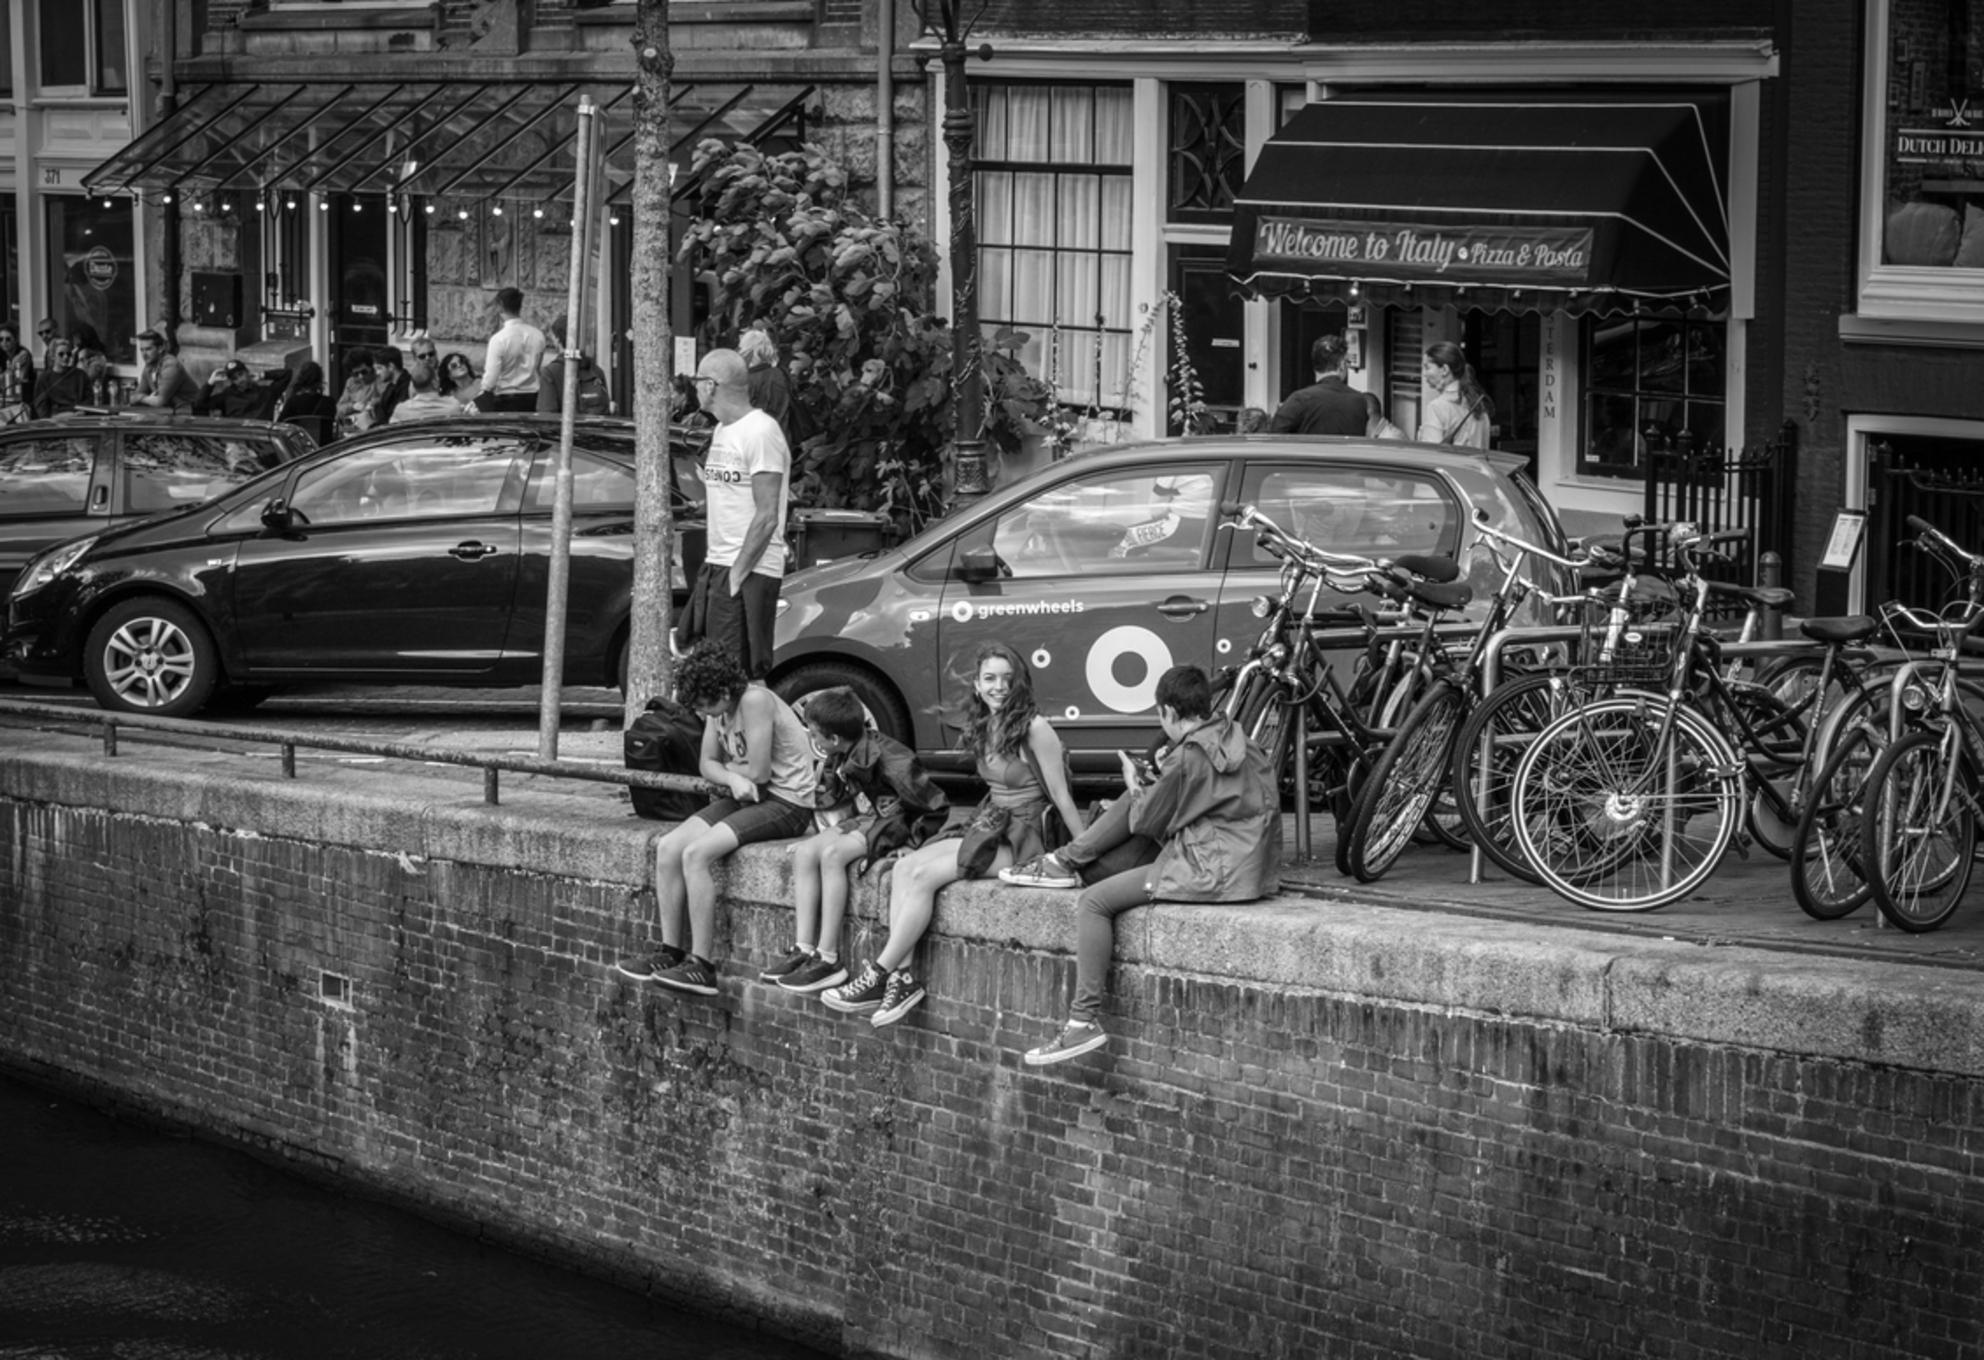 Kinderen chillen aan de gracht in Amsterdam - Kinderen zijn aan het relaxen aan de Amsterdamse grachten - foto door Bamvlier op 24-10-2020 - deze foto bevat: man, mensen, amsterdam, stad, kinderen, meisje, zwartwit, straatfotografie, grachten, relaxen - Deze foto mag gebruikt worden in een Zoom.nl publicatie